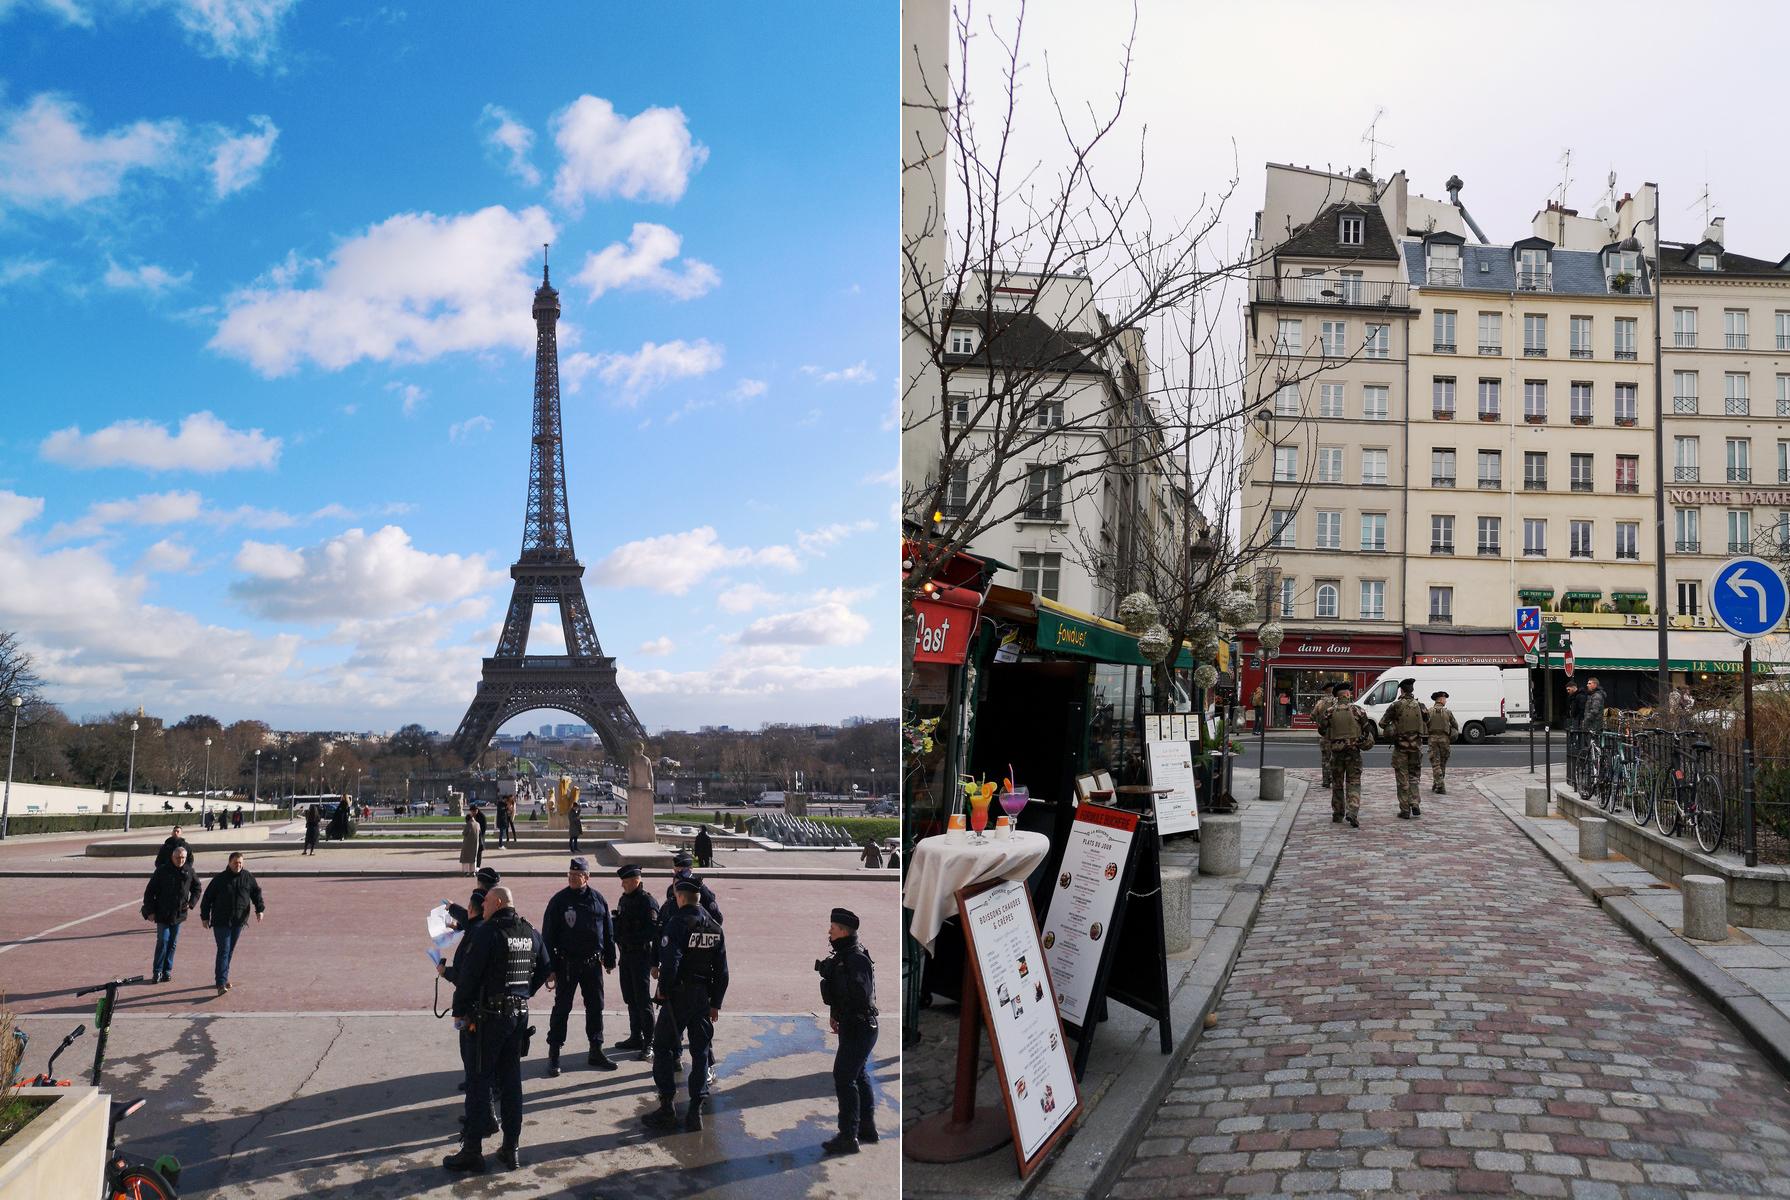 9 фактов о Париже зимой. очень, Париже, много, Минске, такой, Очень, будет, совсем, попали, количество, никто, Обратите, Беларуси, после, внимание, французы, который, конечно, приятный, сезон